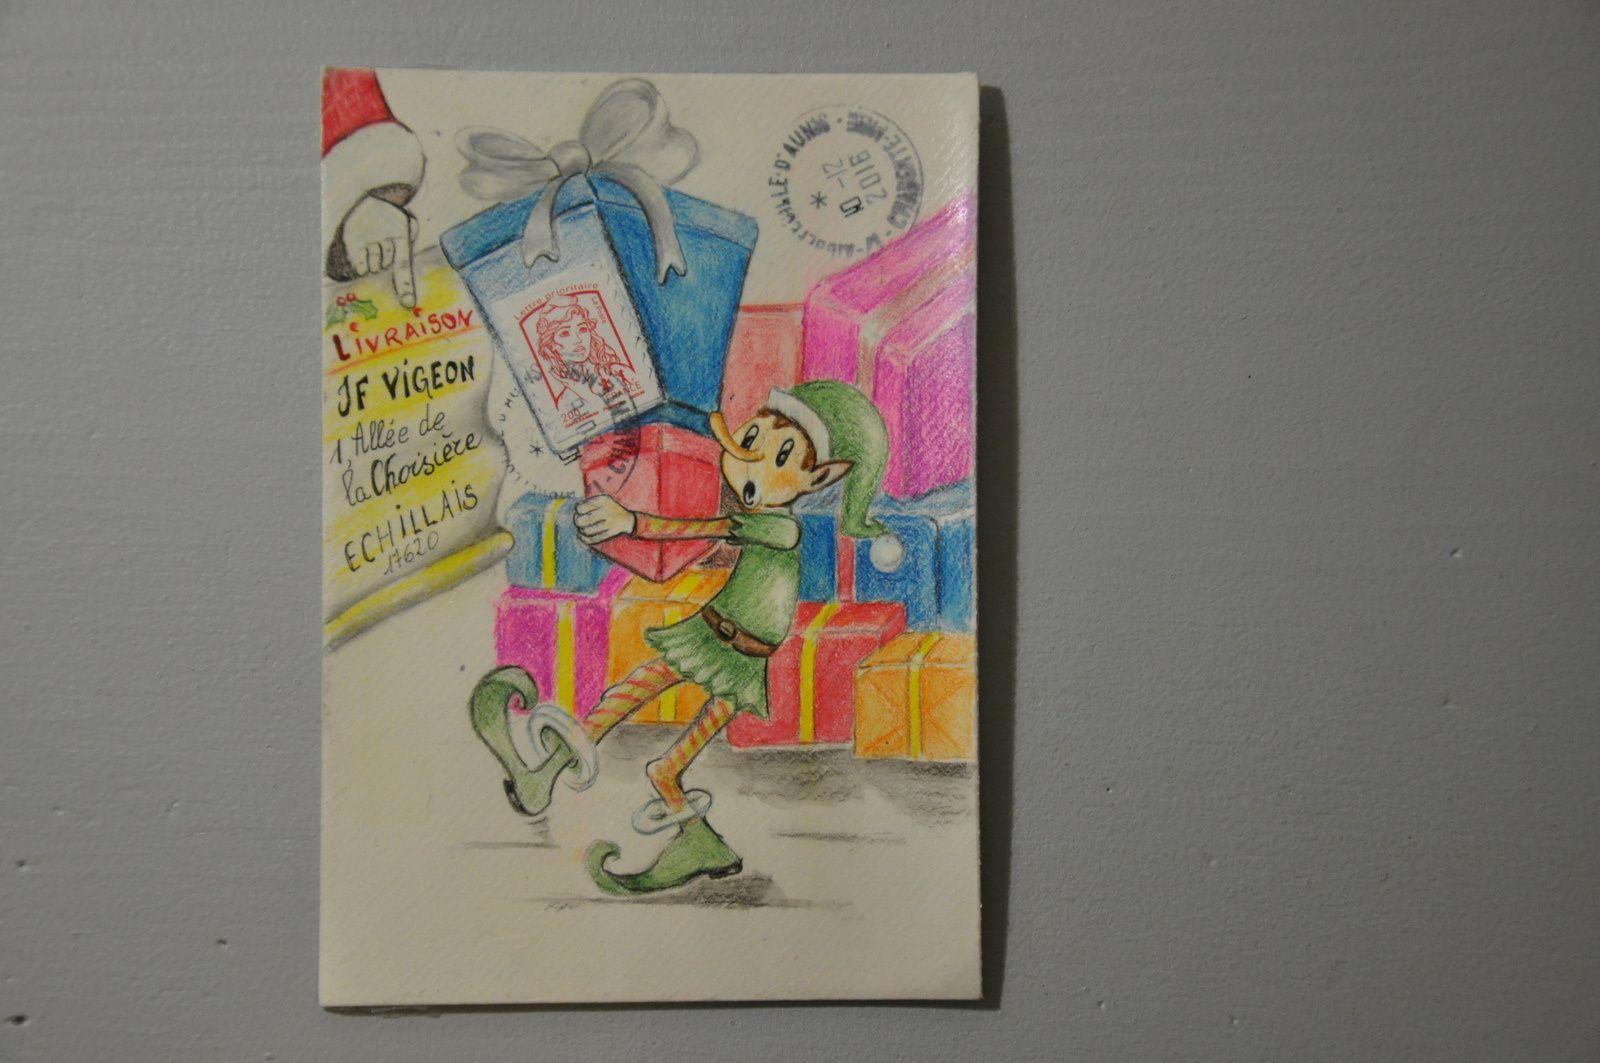 Une magnifique oeuvre postée de Corinne Vitasse! Tout y est : dessin, couleurs et humour! Merci...